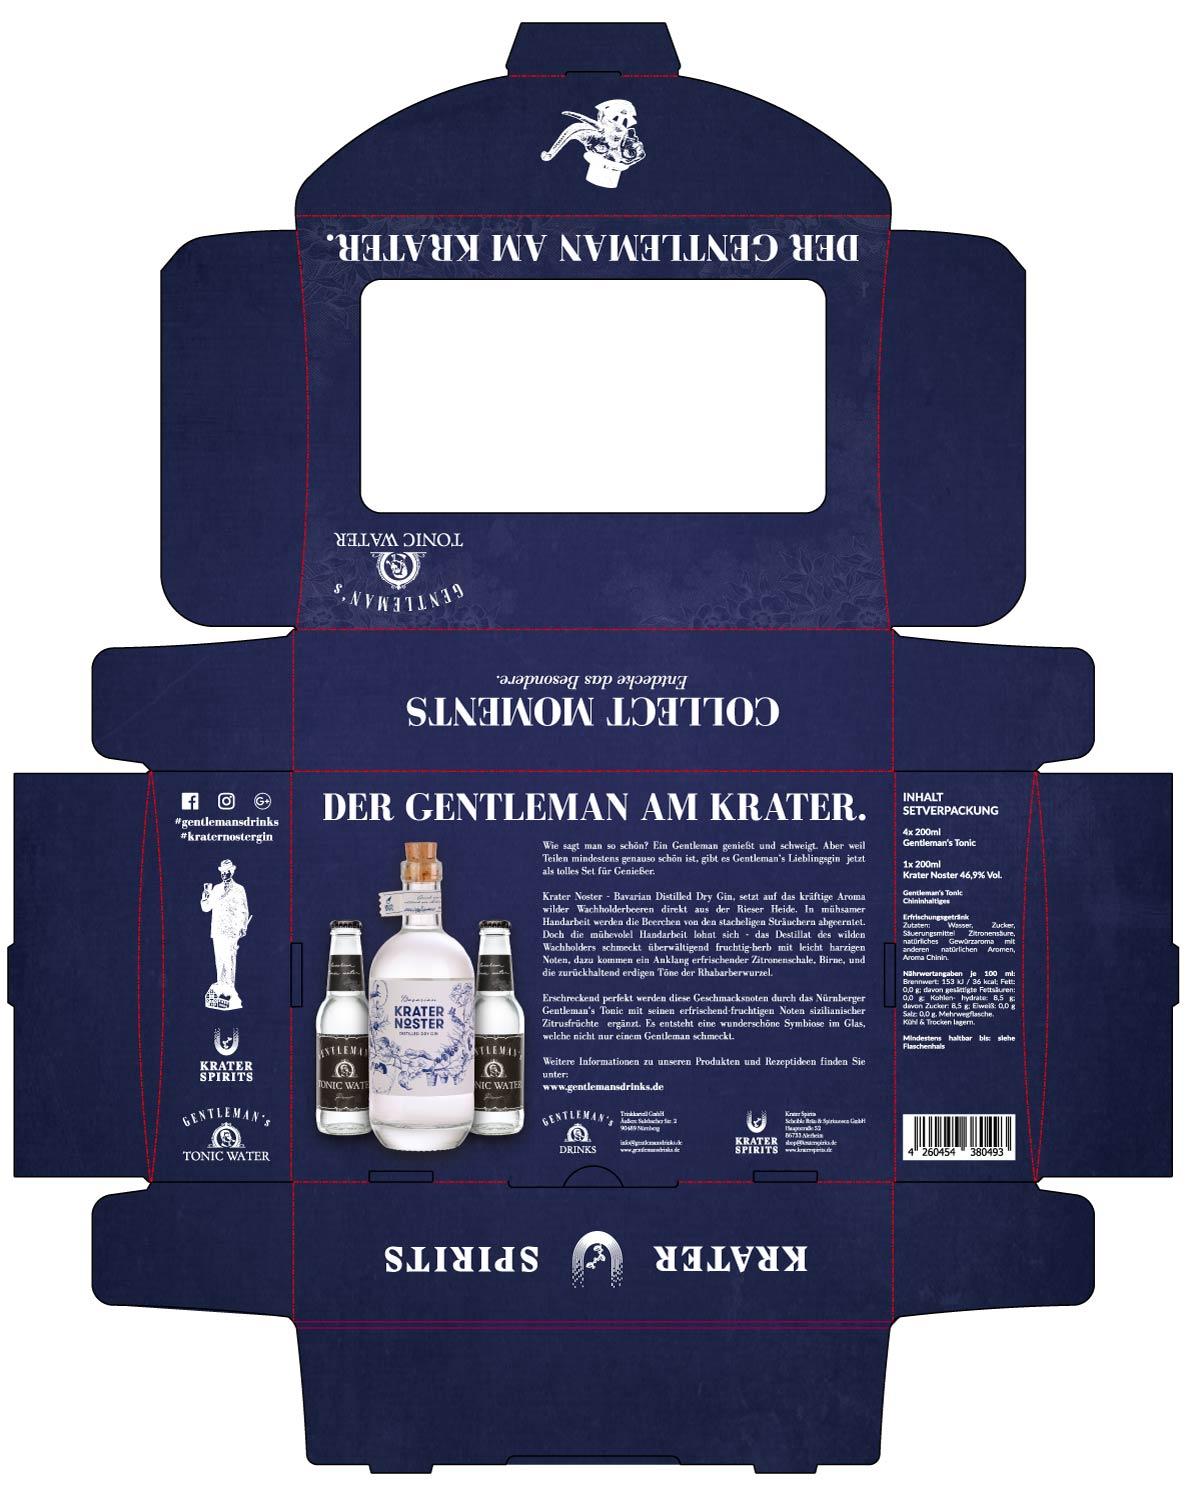 Produktverpackung Gentleman's Tonic & Krater Noster